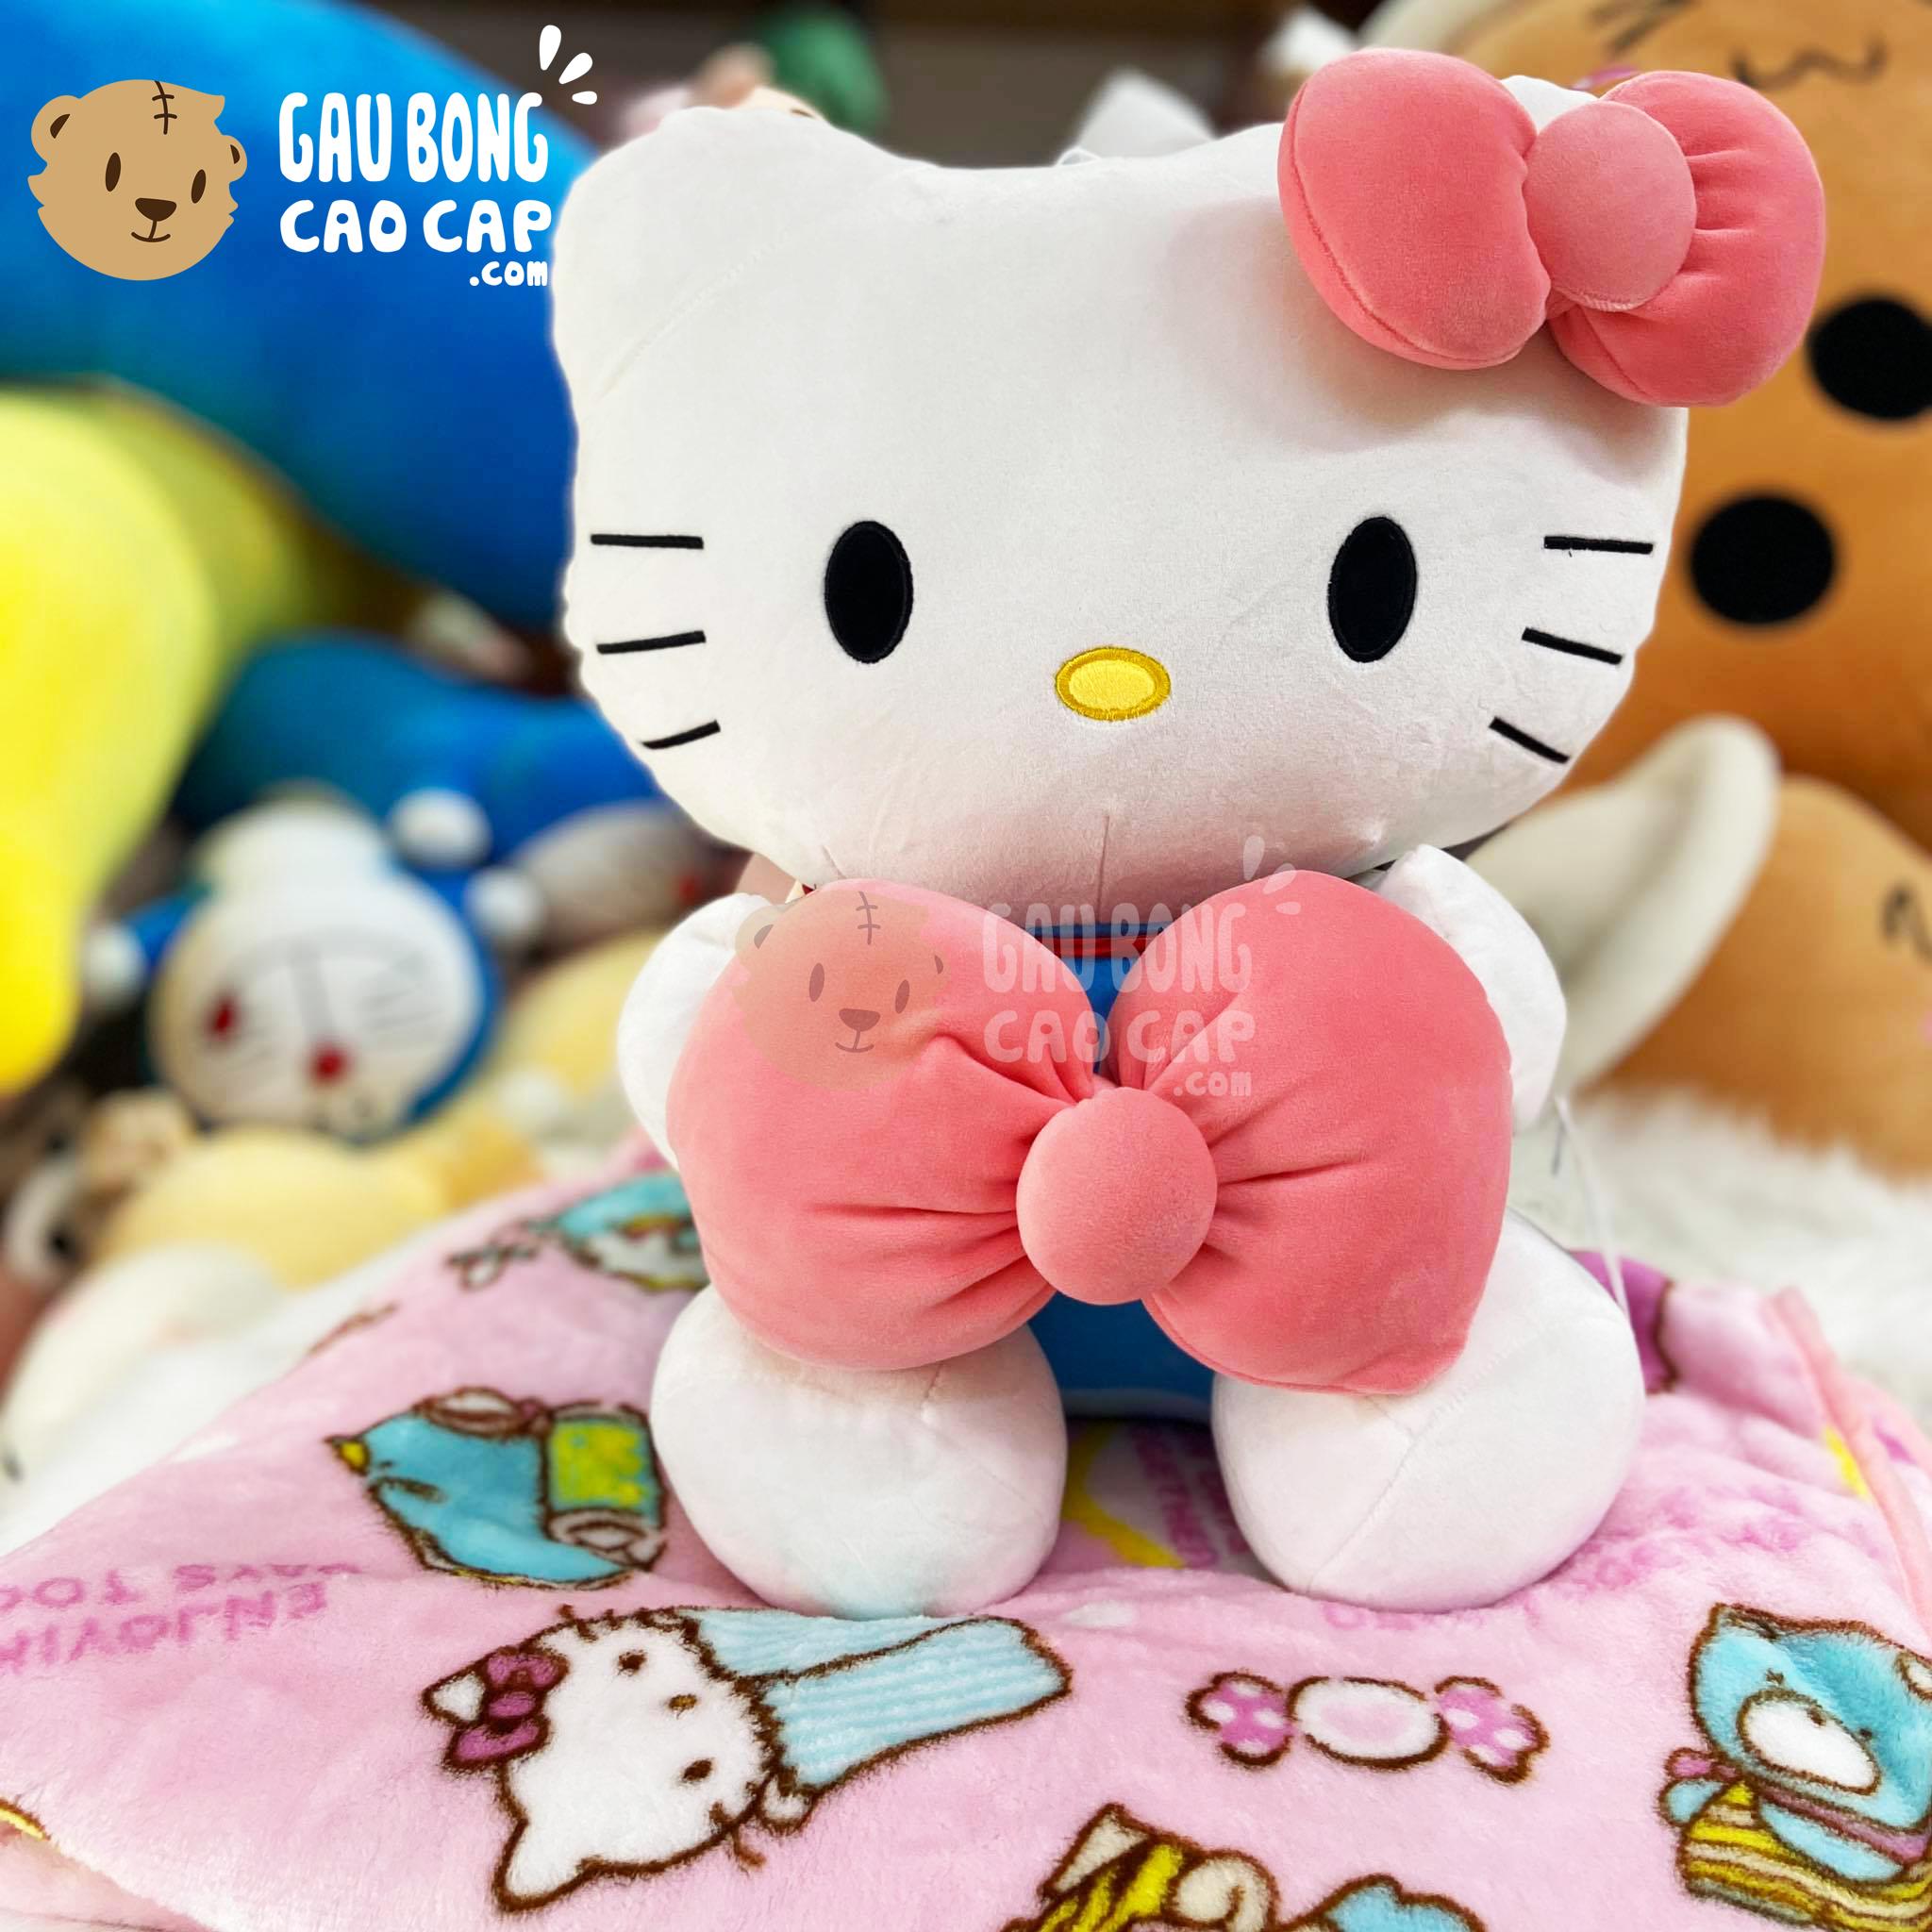 Gối mền Gấu Bông Hello Kitty